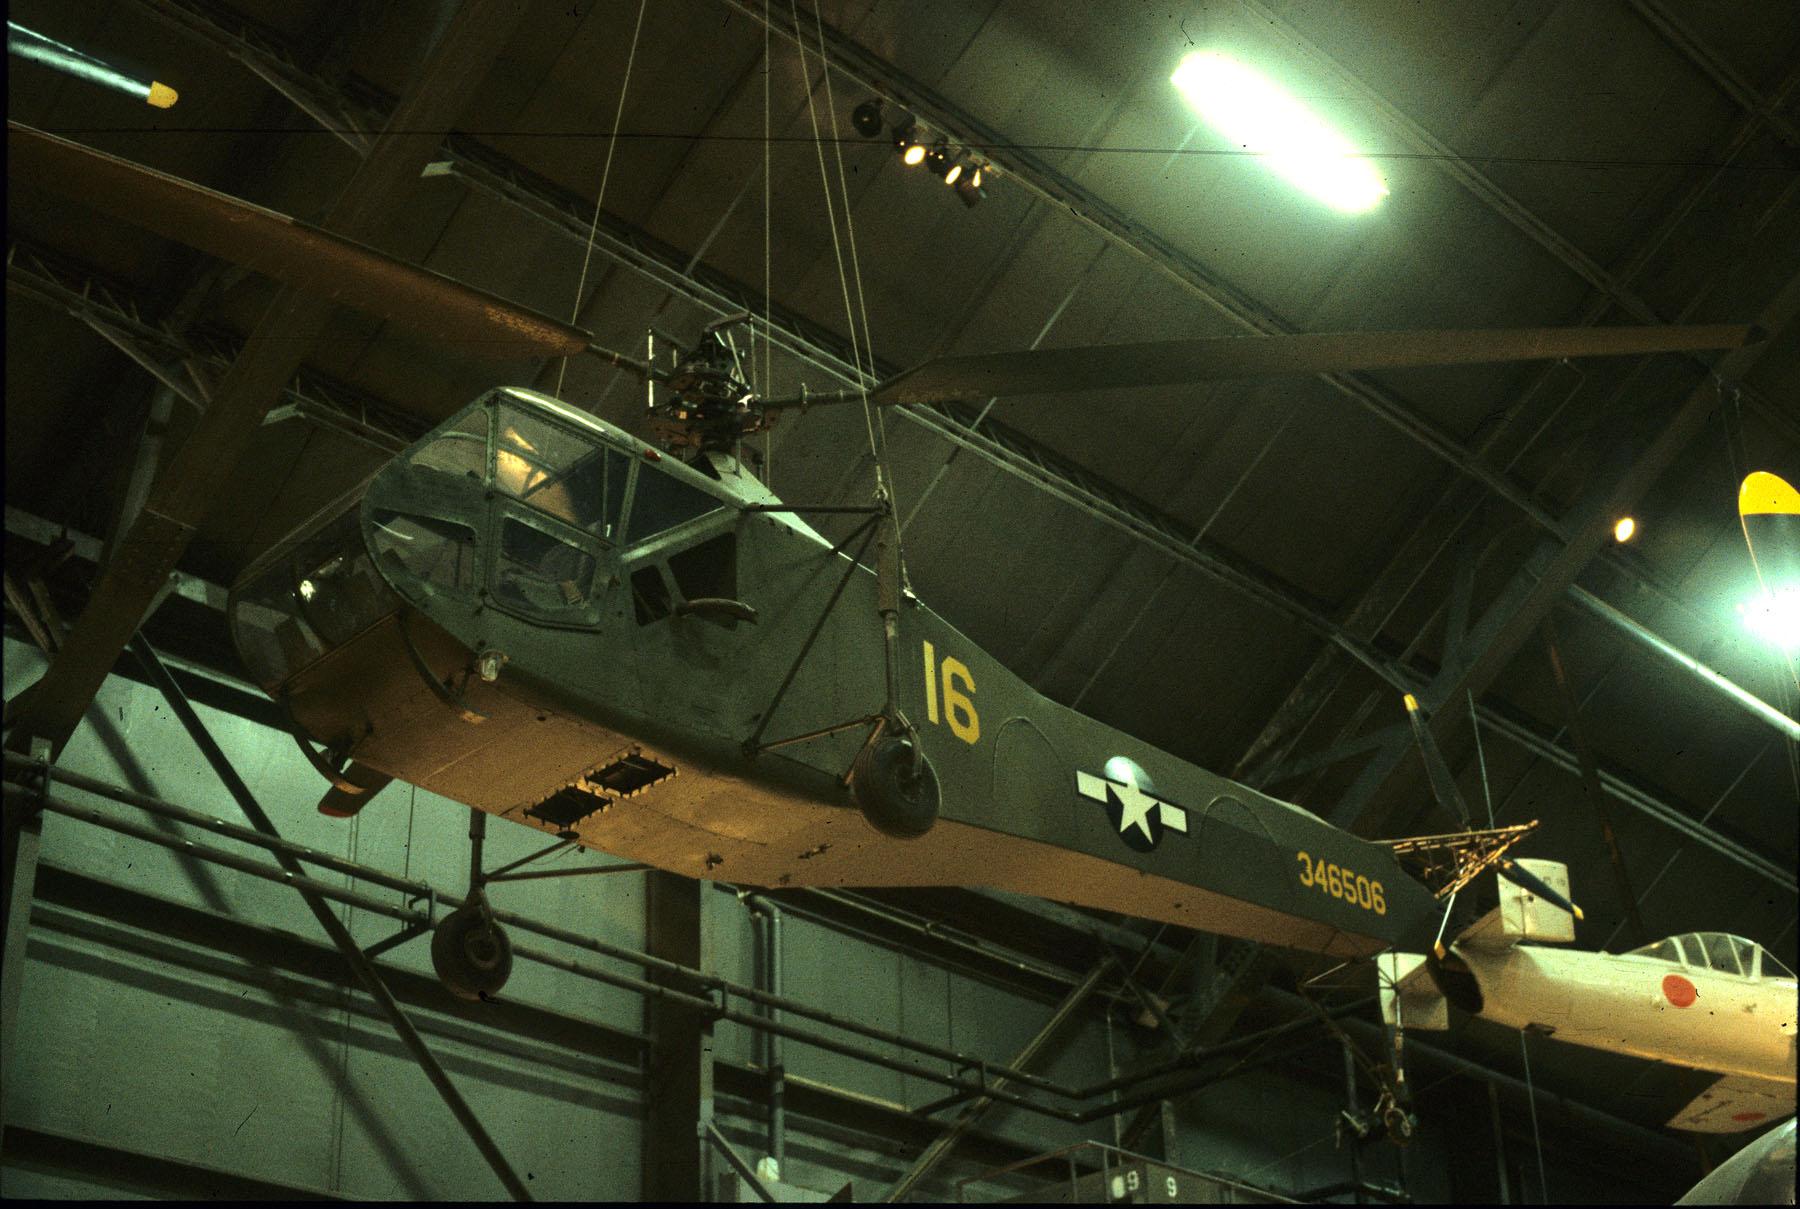 Sikorsky R-4B inside USAF